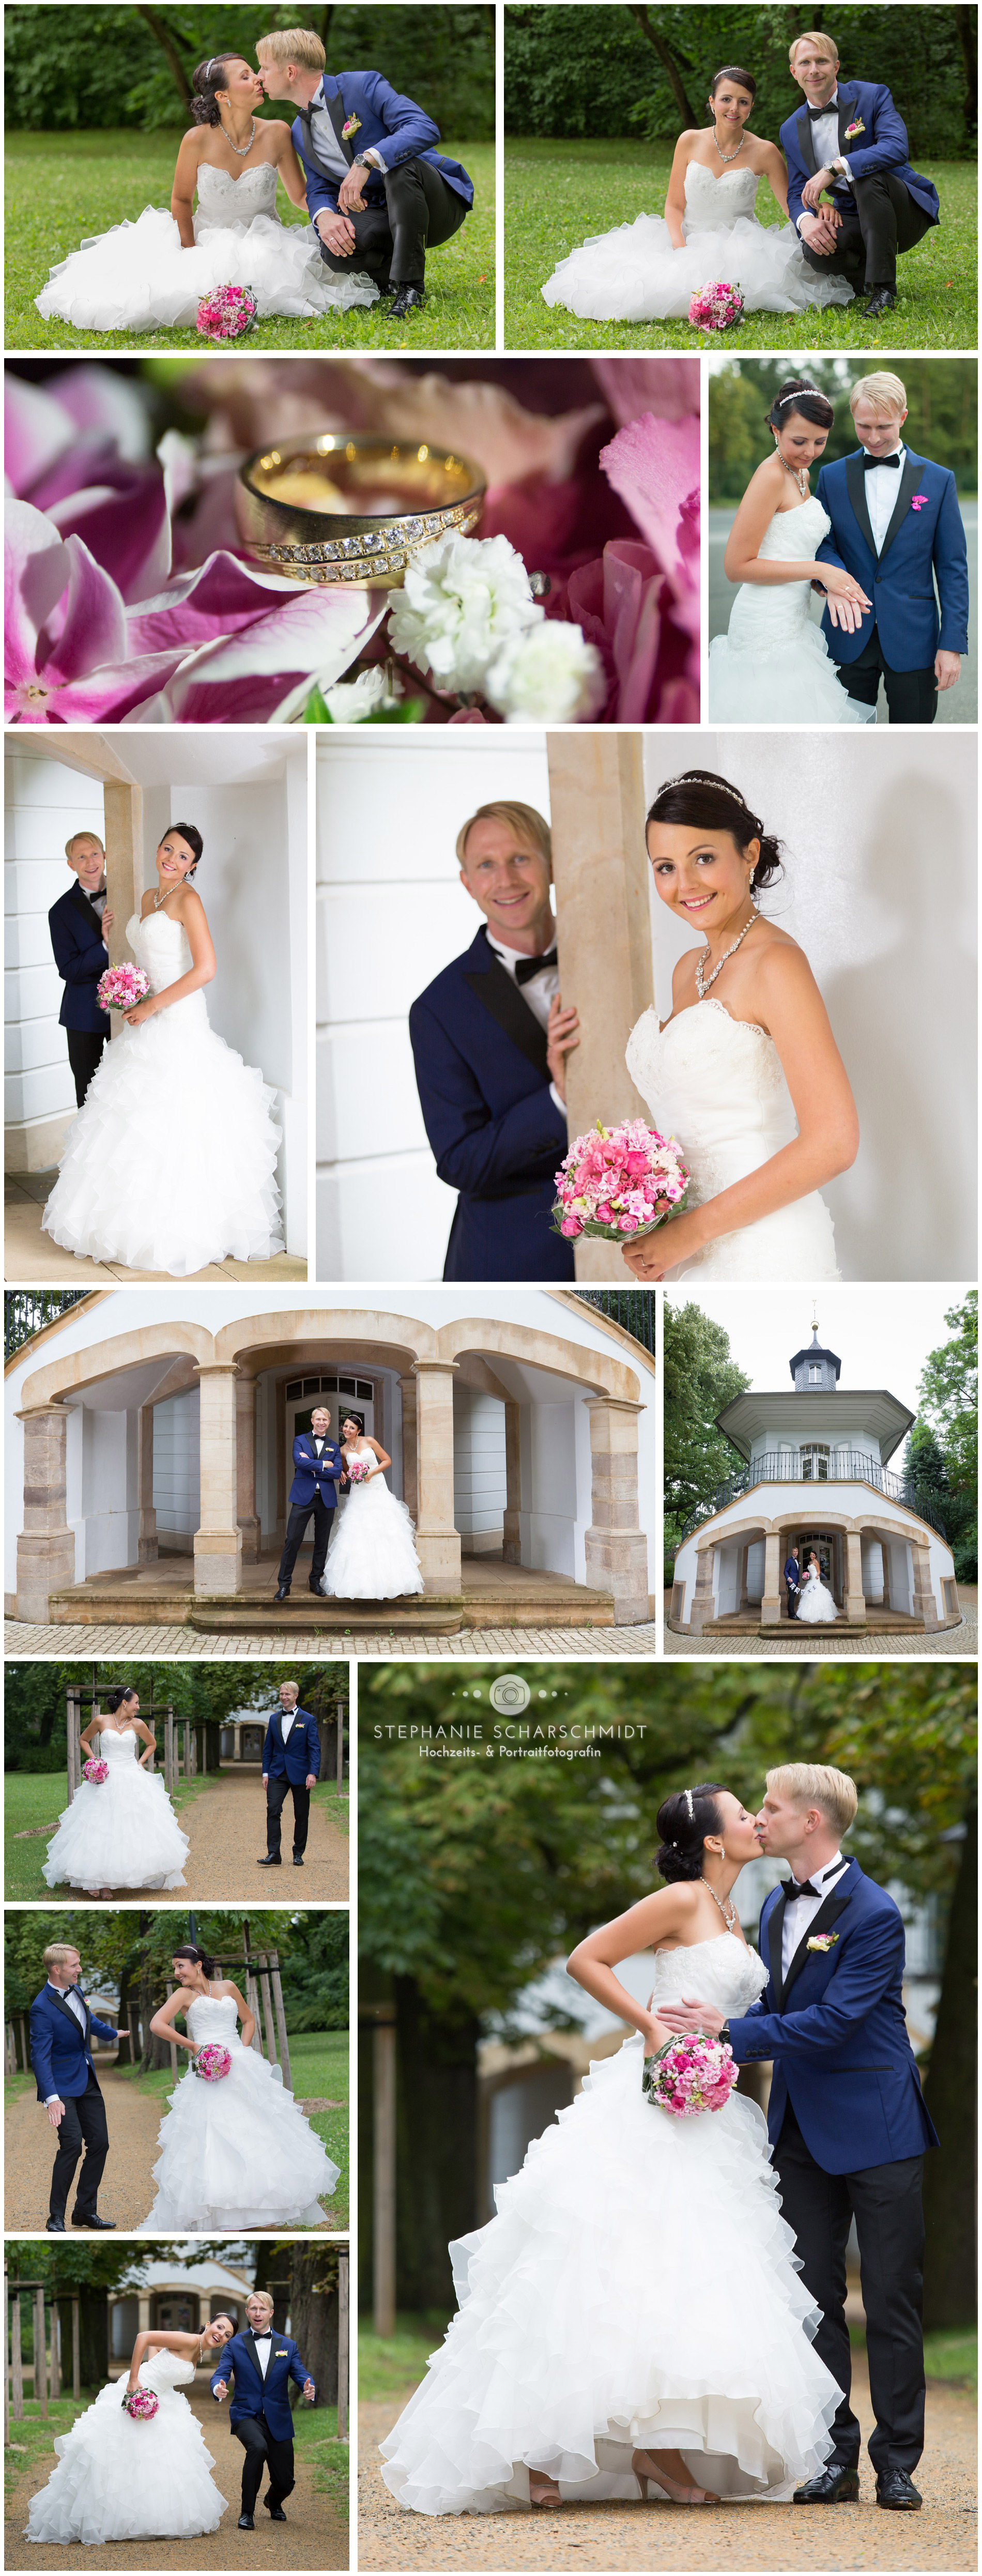 Hochzeitsfotografen Schönfels - Hochzeitsfotograf Stephanie Scharschmidt